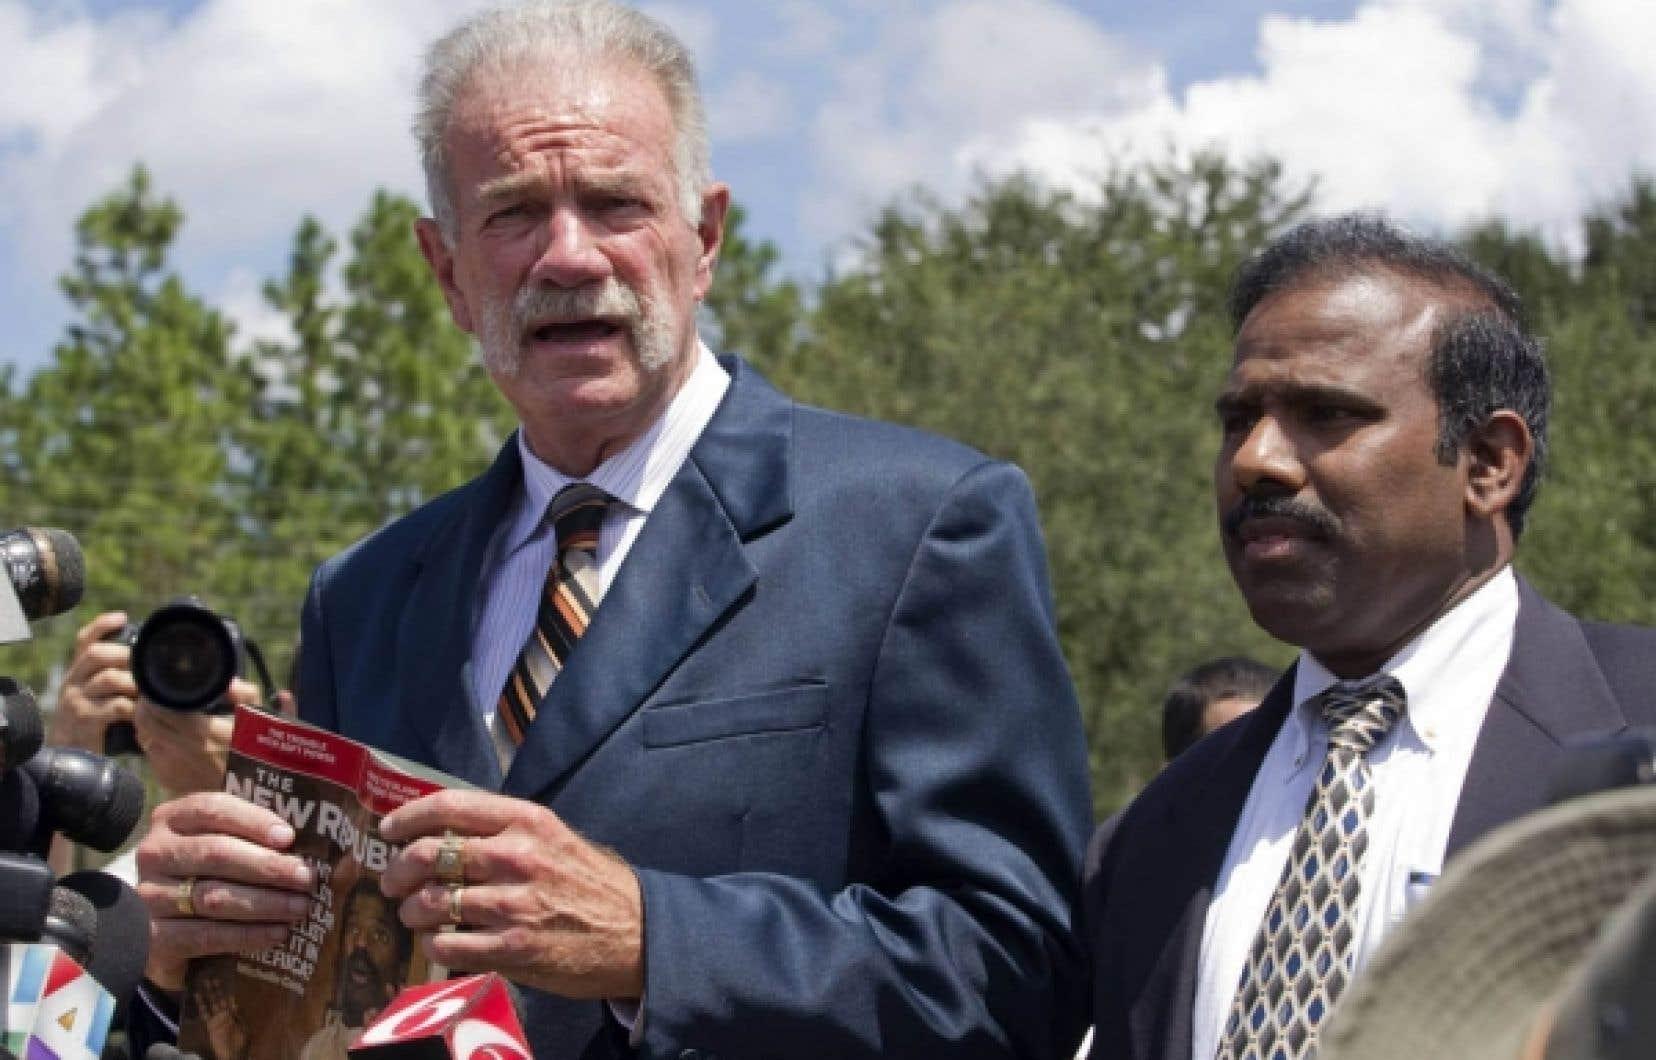 Le pasteur Terry Jones aura réussi à retenir l'attention des médias avec sa menace de brûler le Coran.<br />